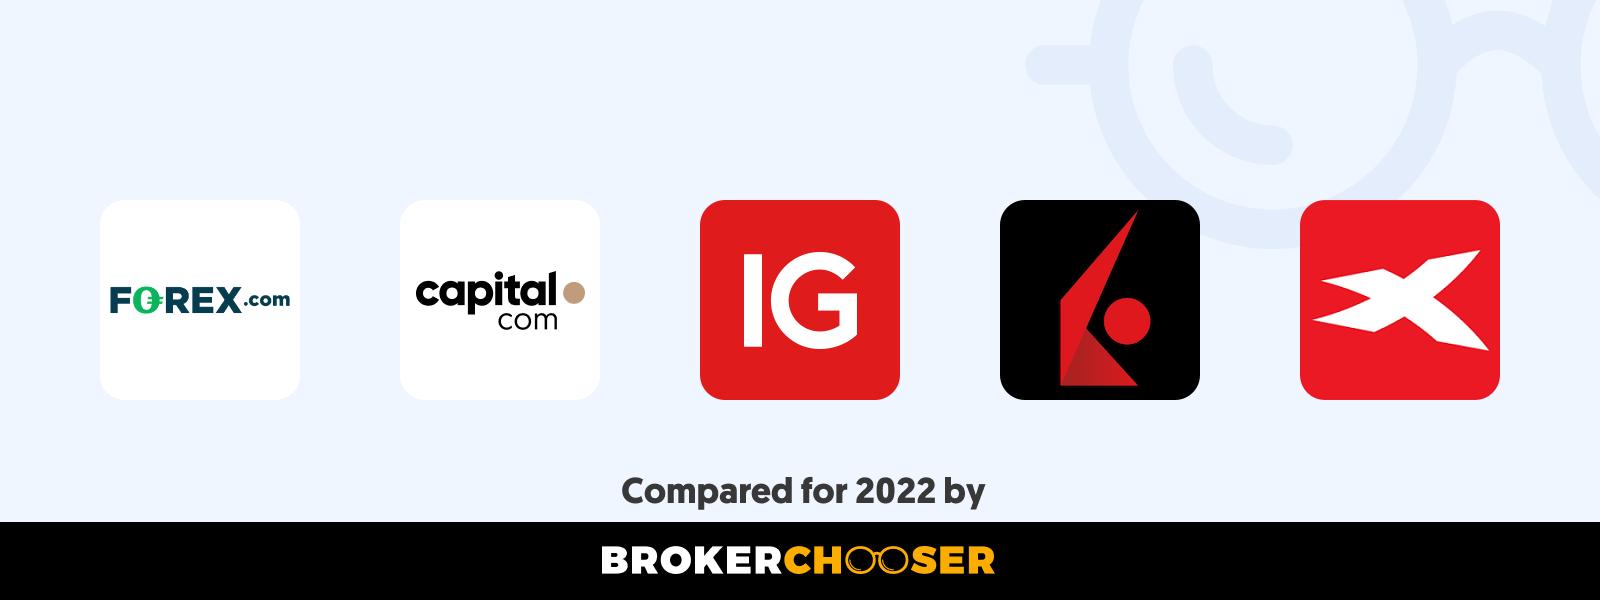 Best forex brokers for beginners in Ghana in 2021